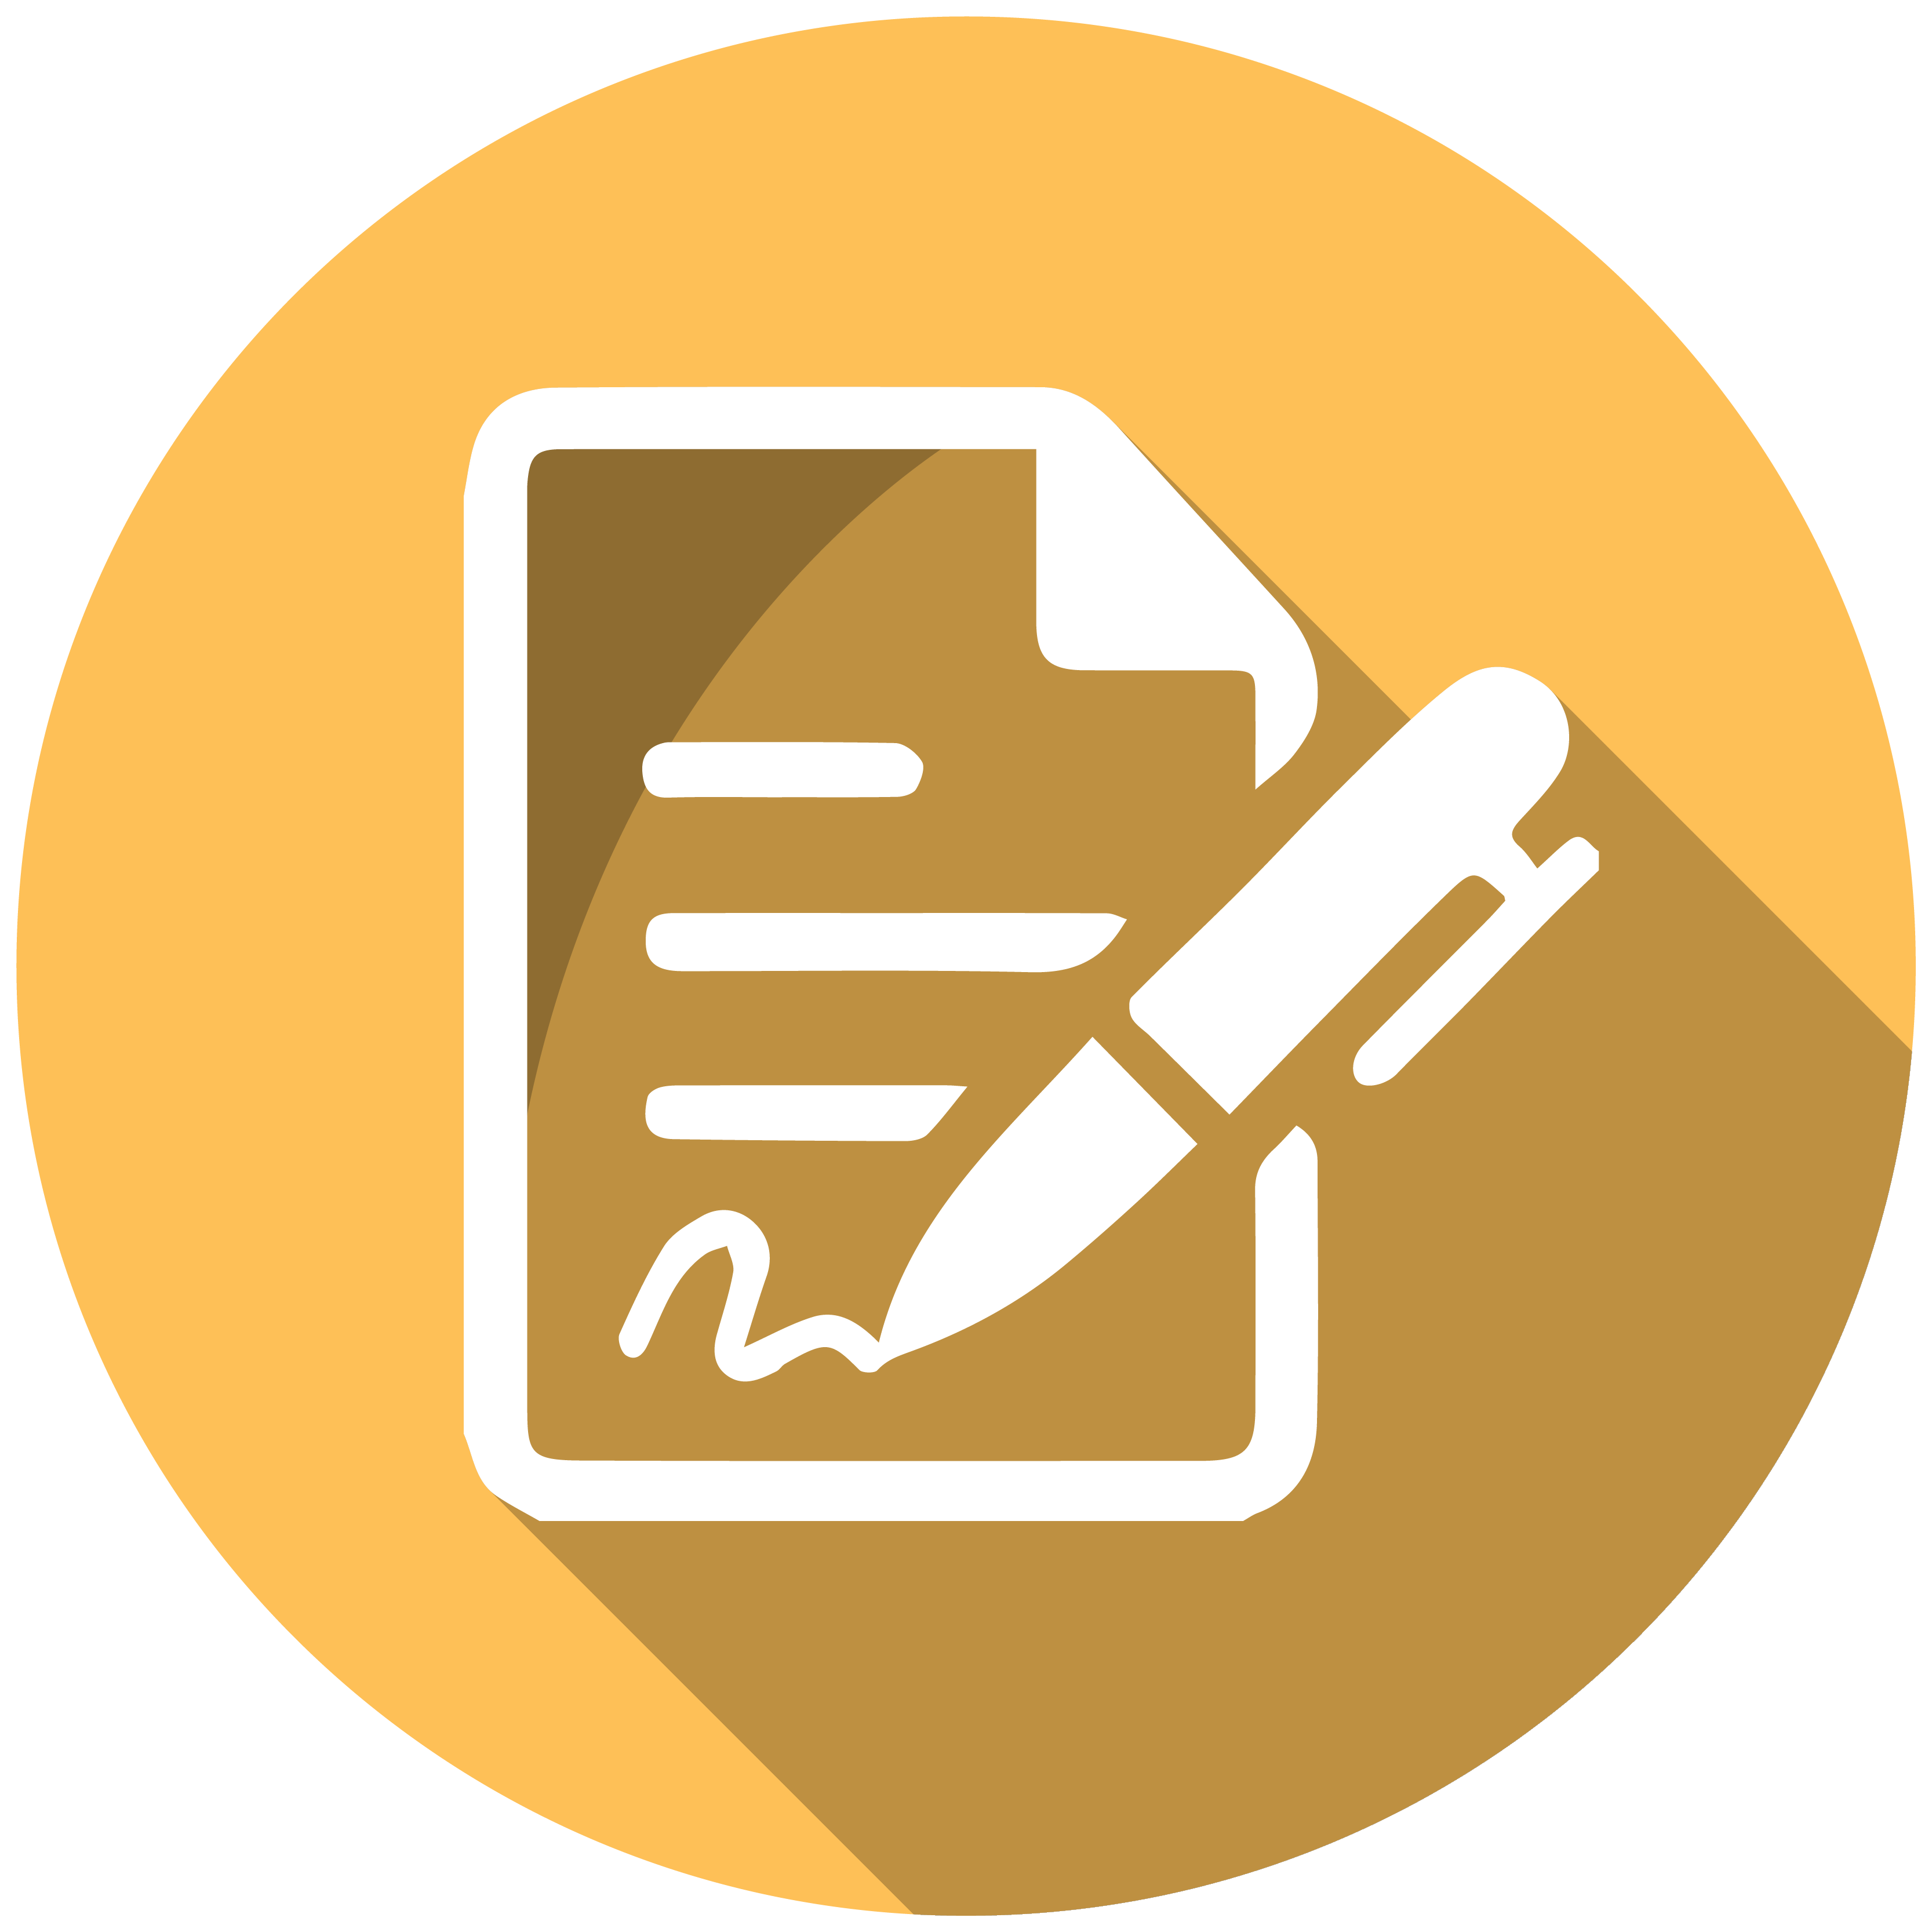 پروپوزال ارزیابی علل مختلف مرتبط با تمایل زوجین به برنامه های تنظیم خانواده